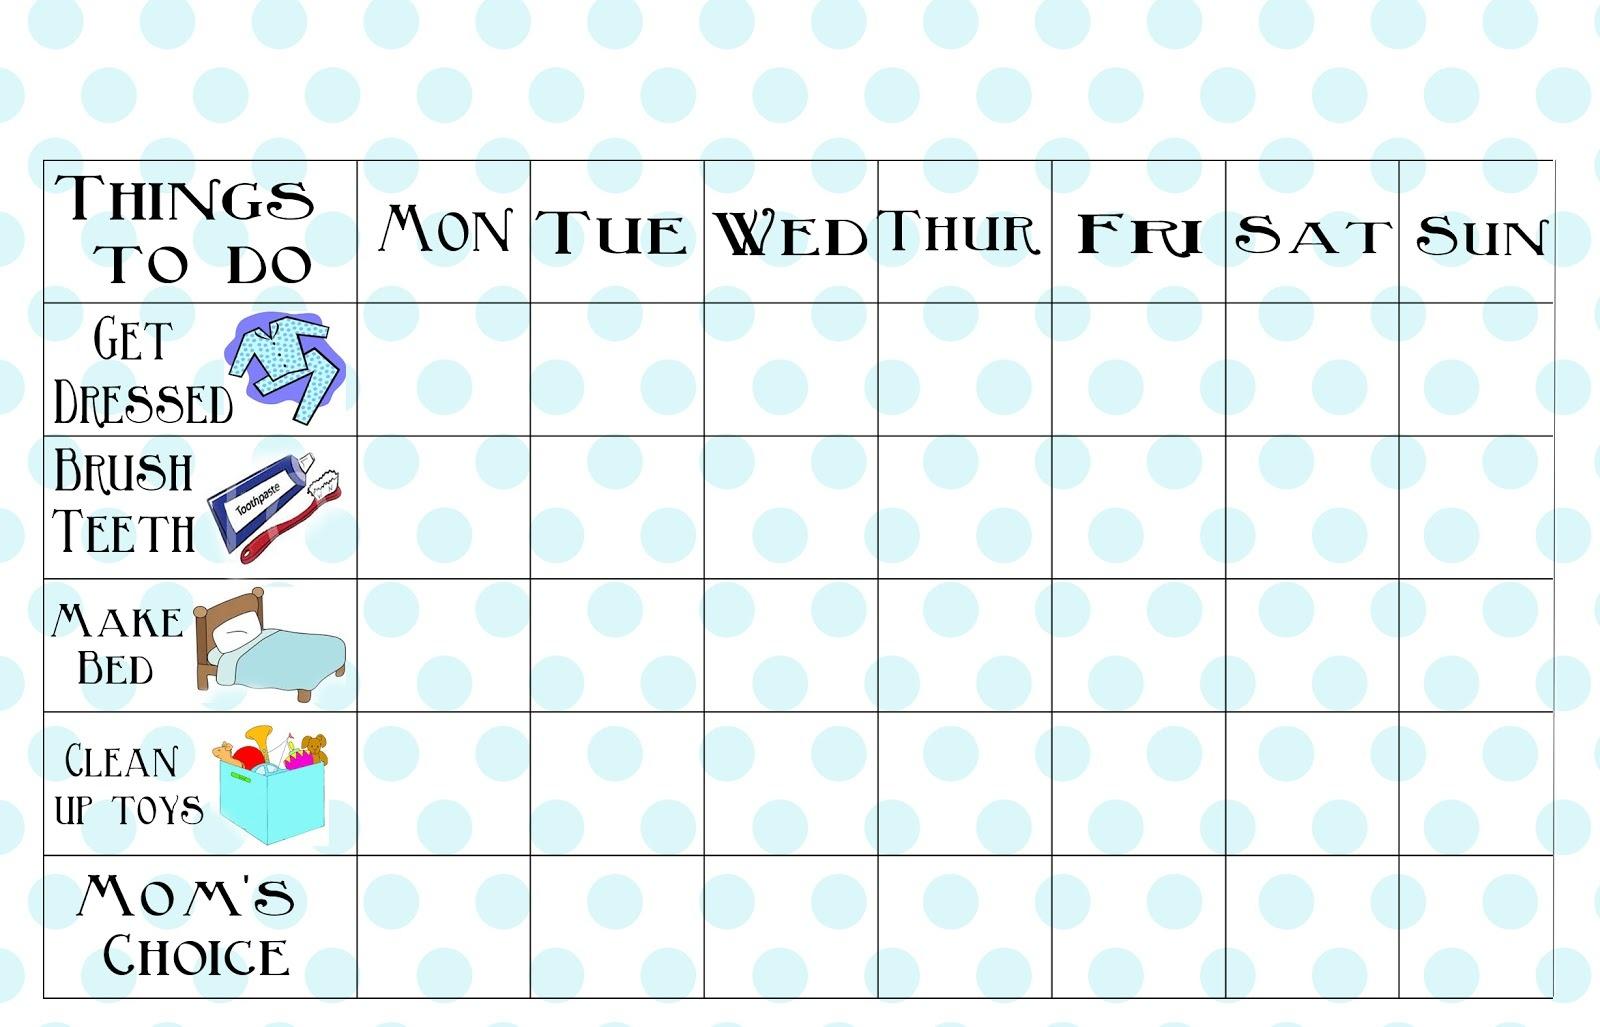 Free Printable Chore Chart - Free Printable Chore List